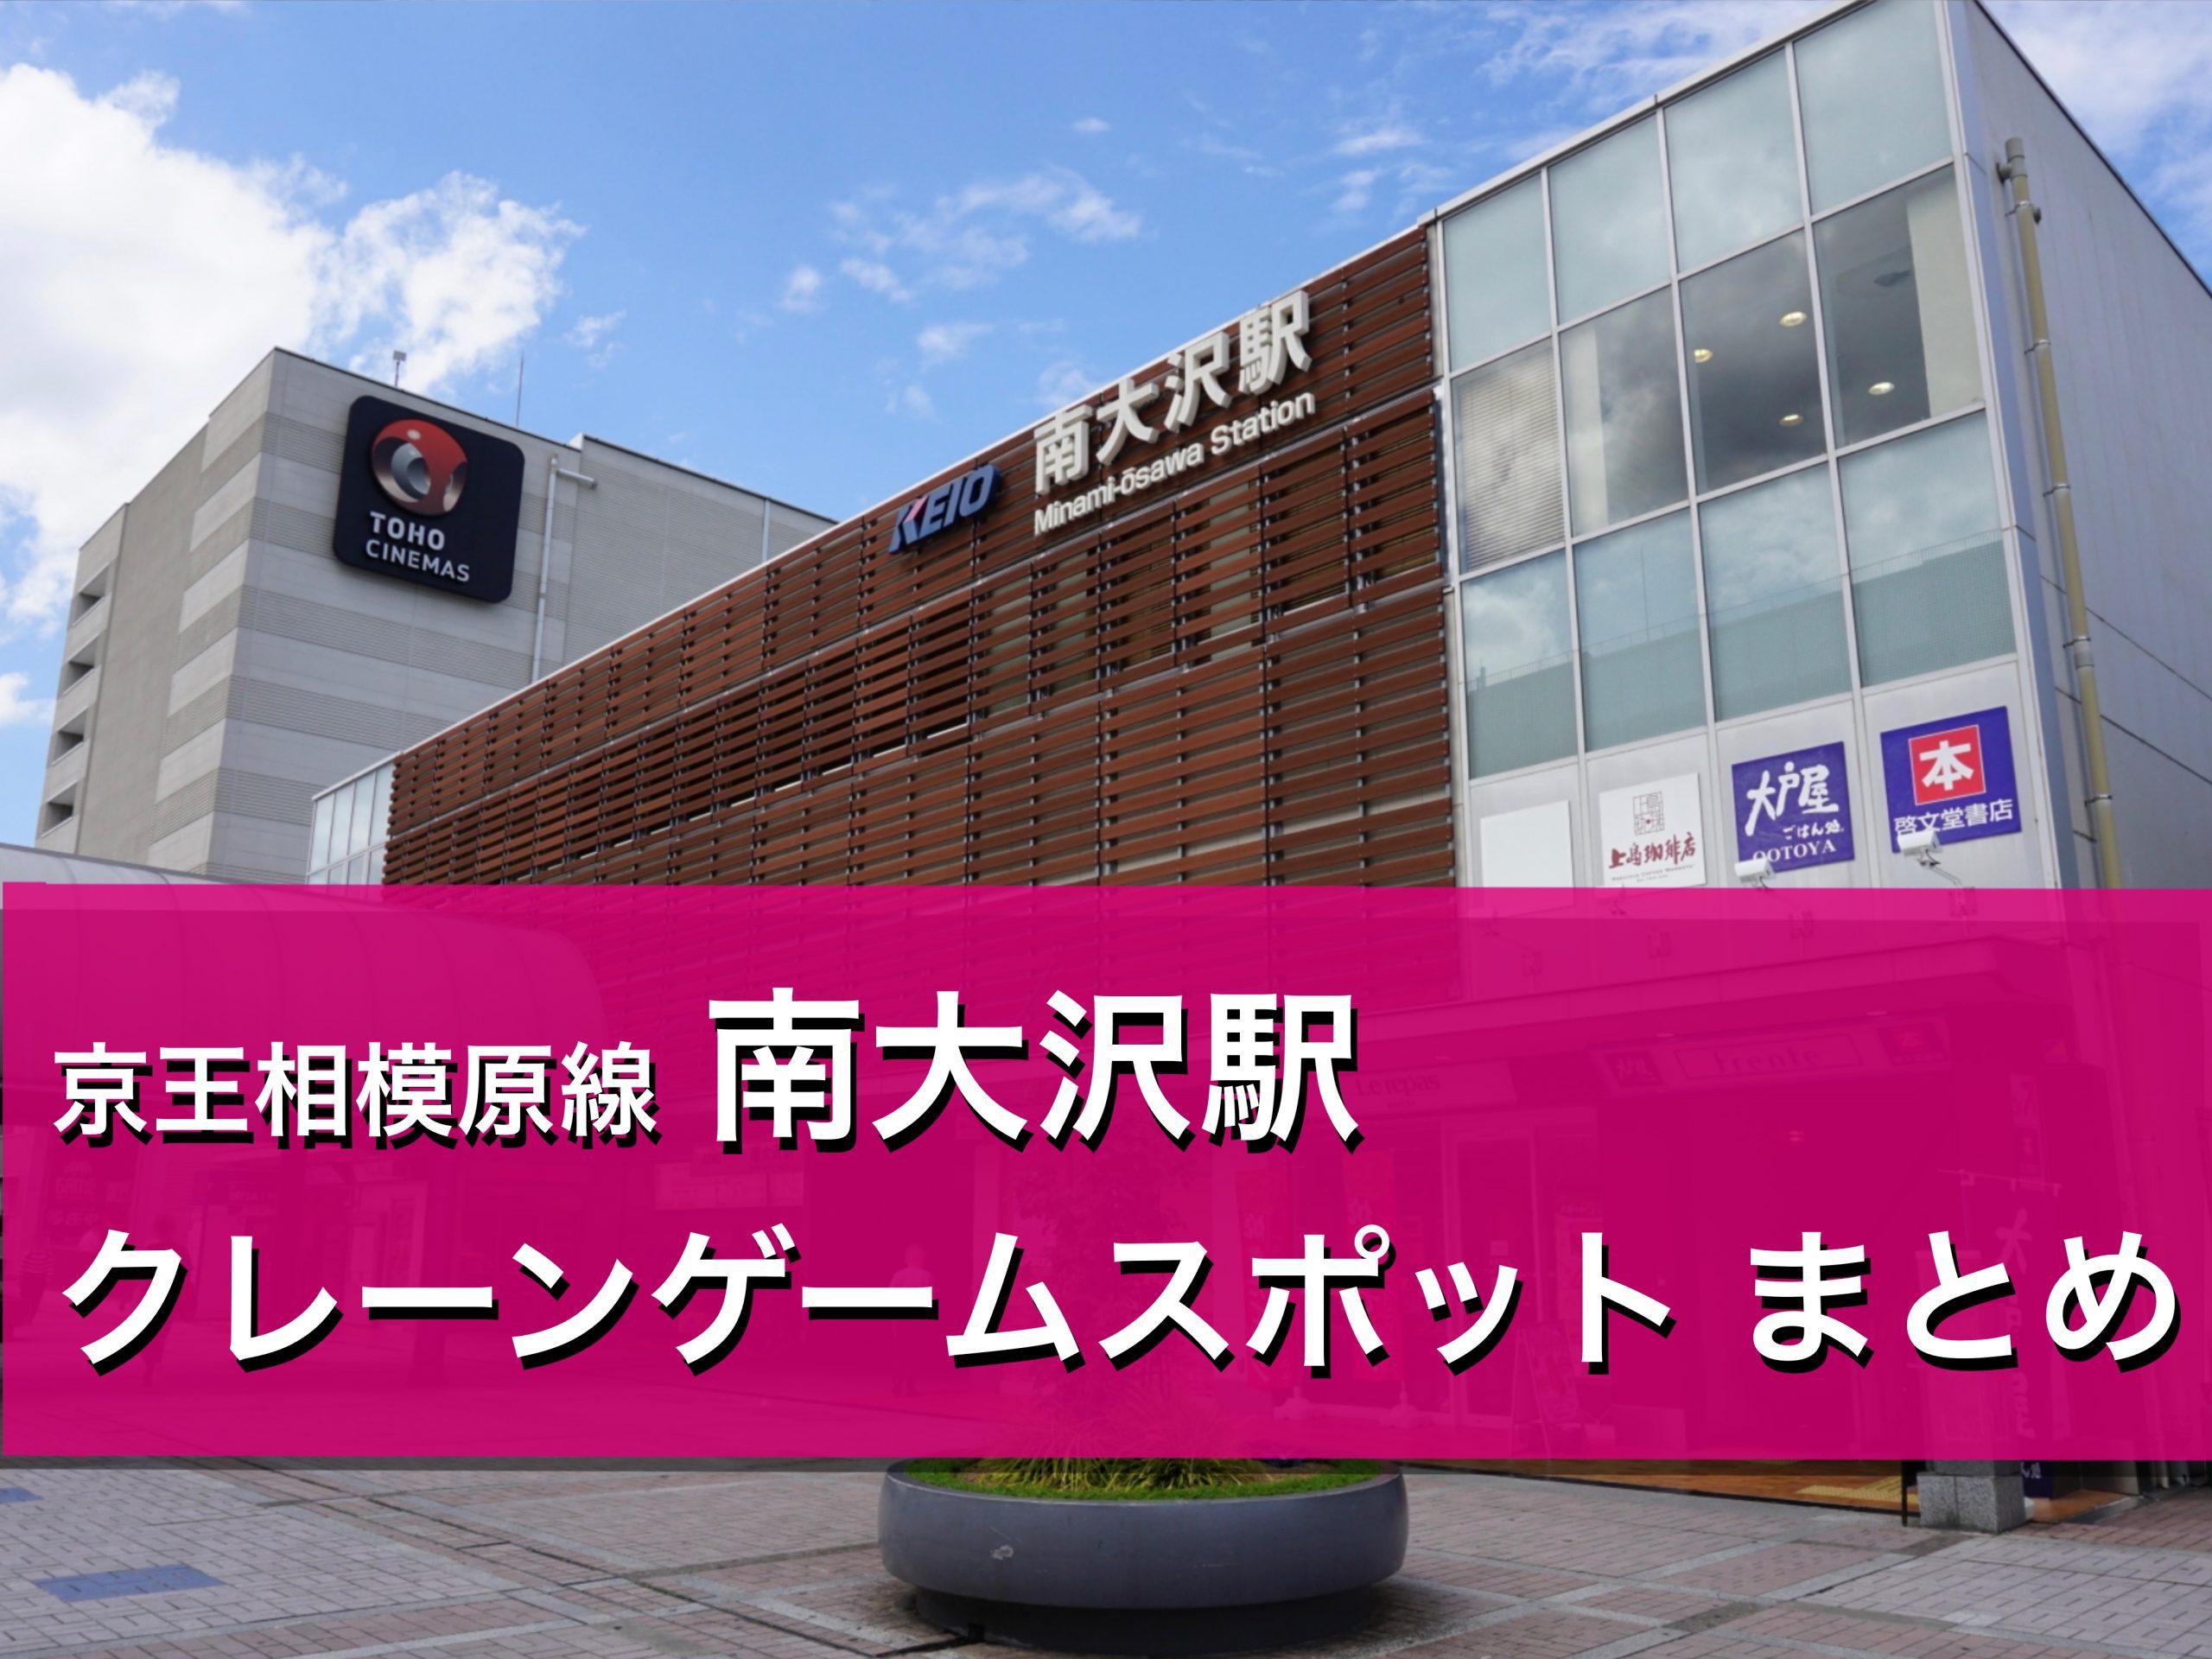 【南大沢駅】クレーンゲームができる場所